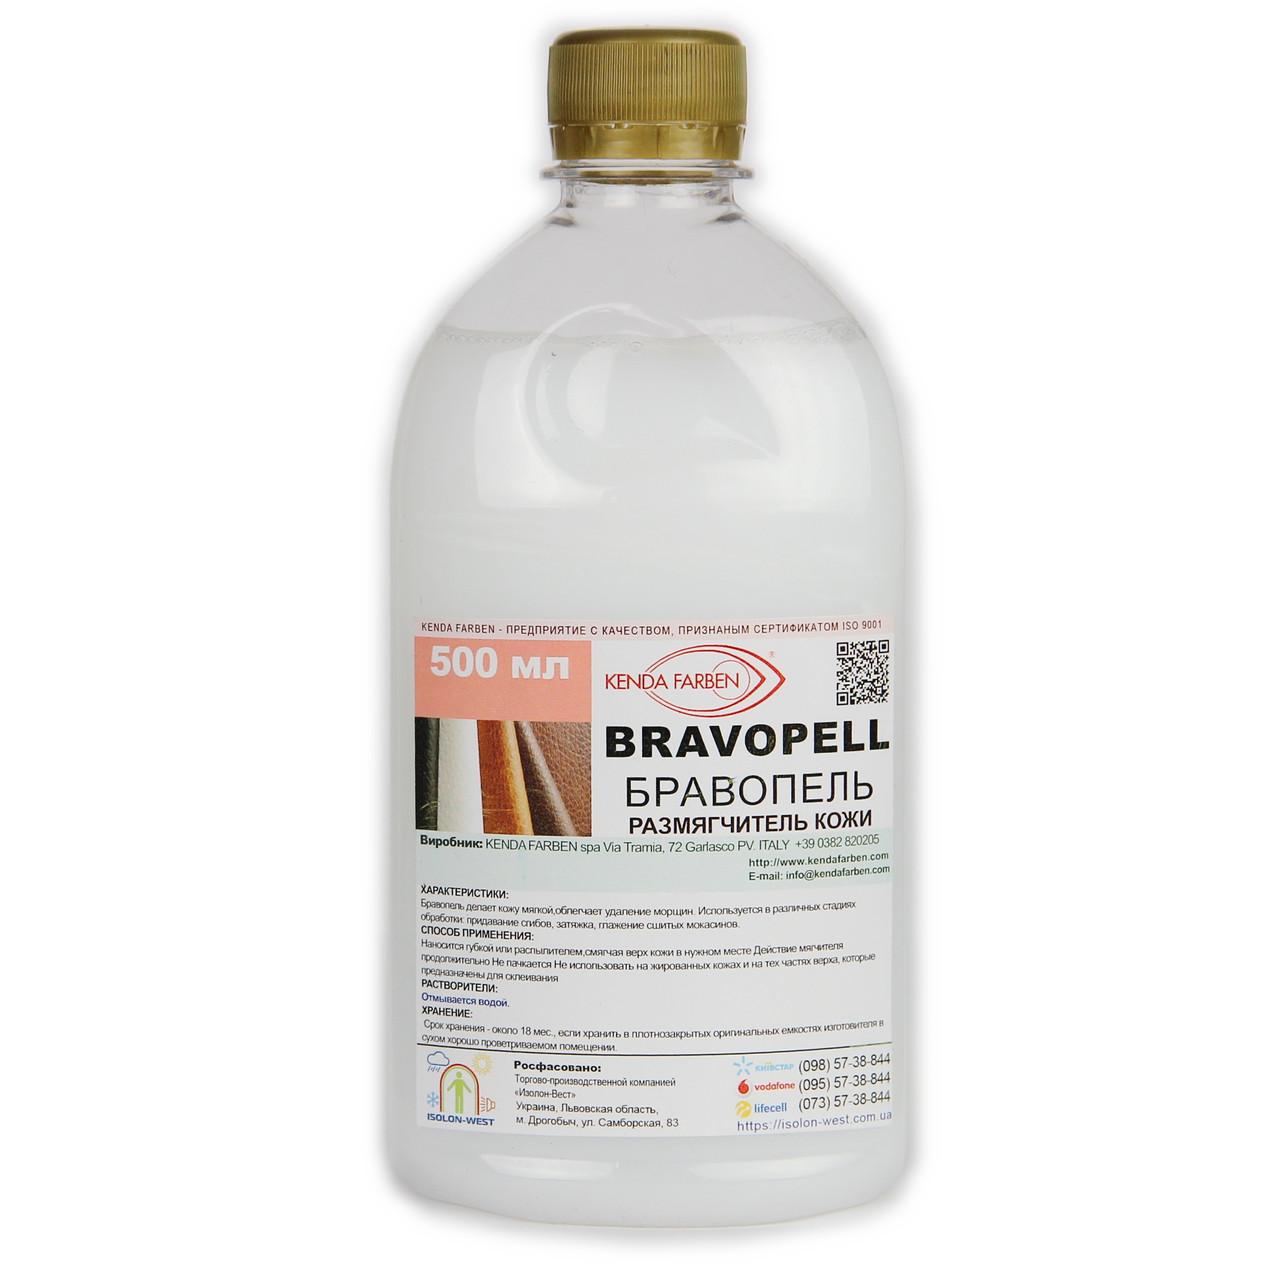 Размягчитель кожи BRAVOPELL (500 мл.)